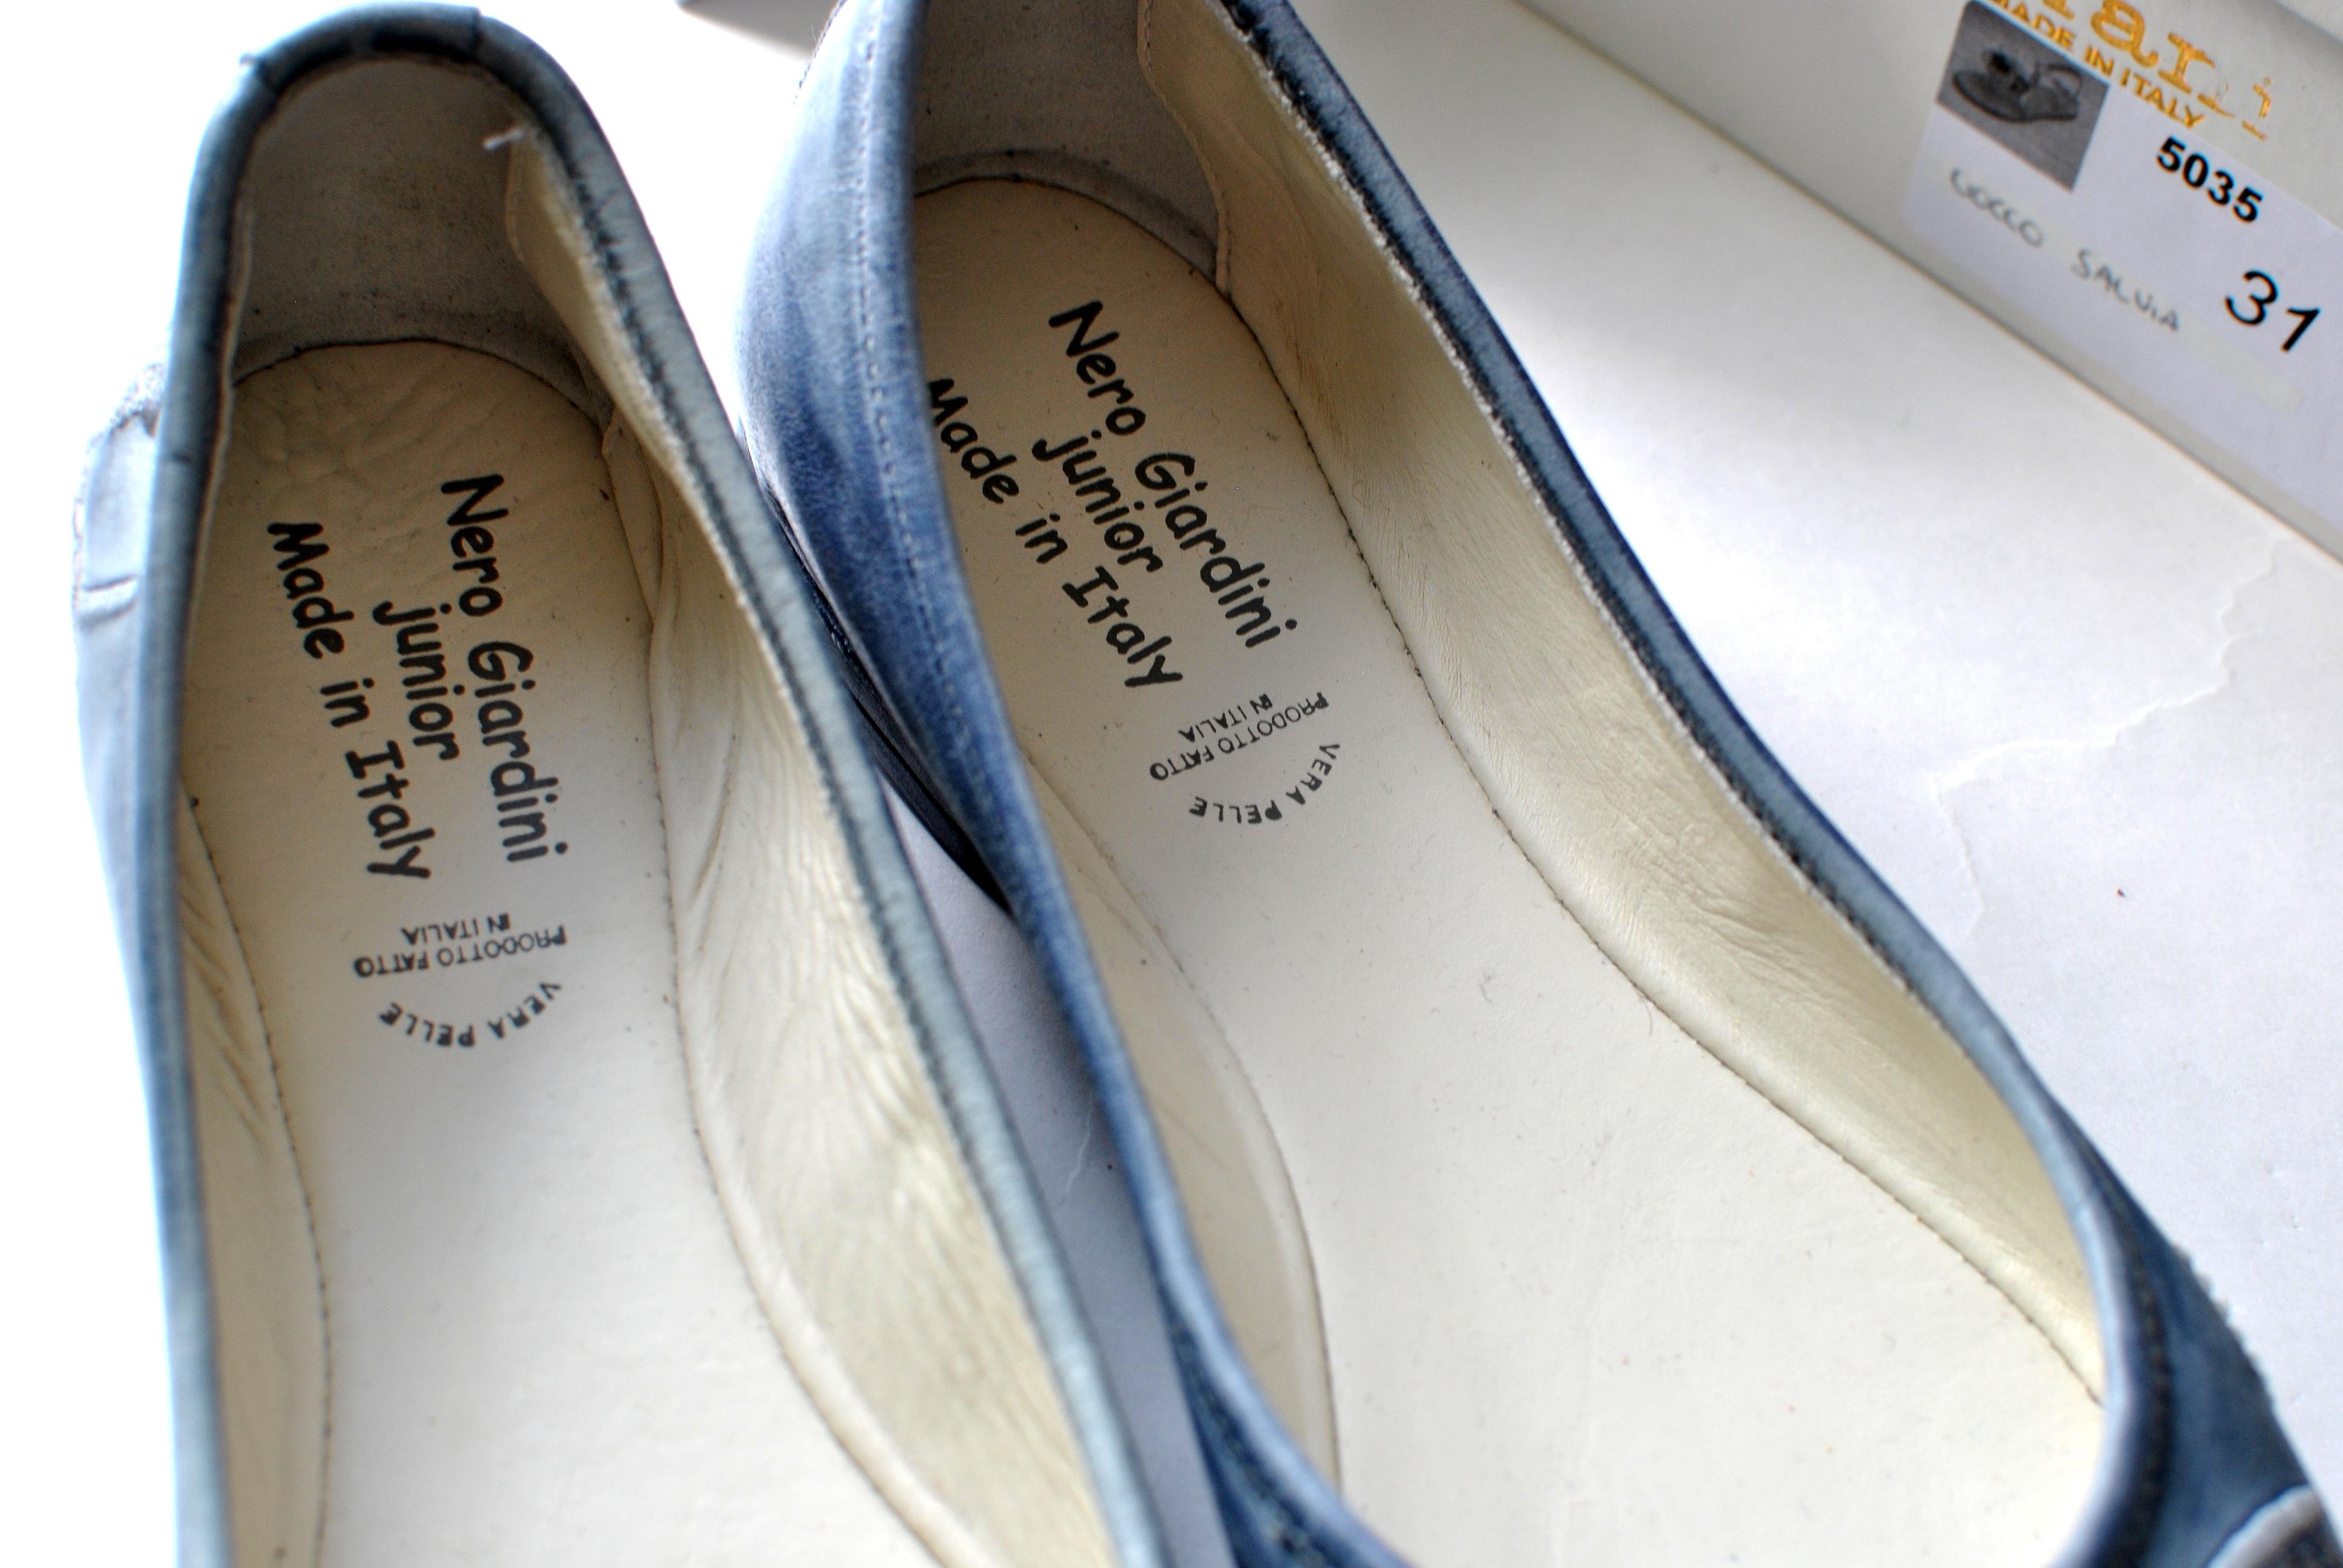 Кожаные туфли - идеальное решение для лета. Верх кожа, внутри кожа синего цвета. Картинка: 5